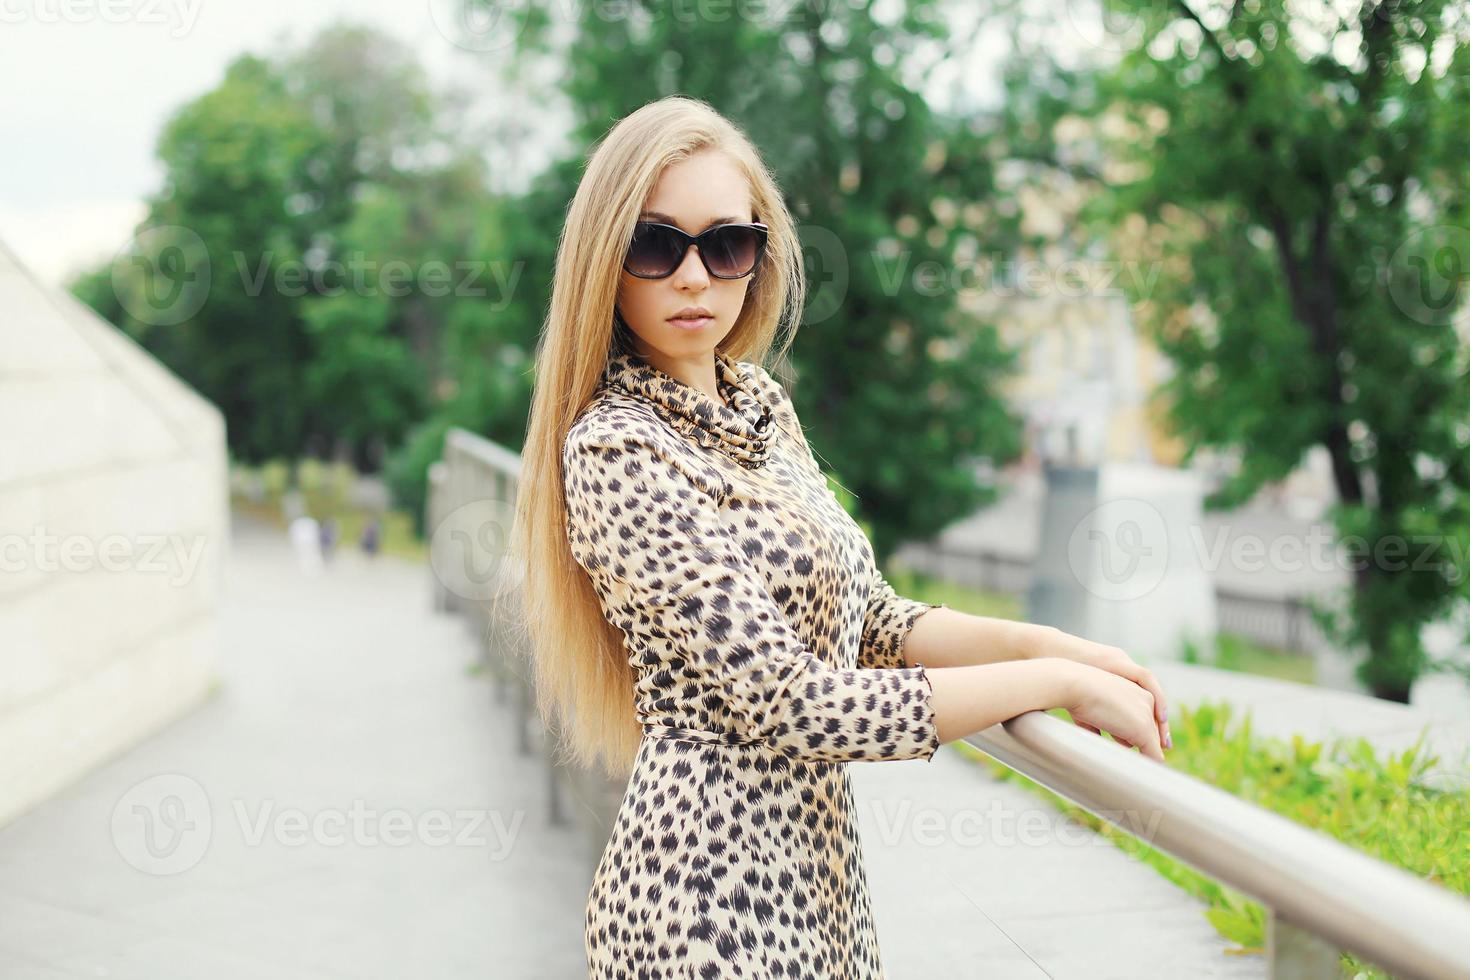 Belle jeune femme blonde vêtue d'une robe léopard et sunglas photo